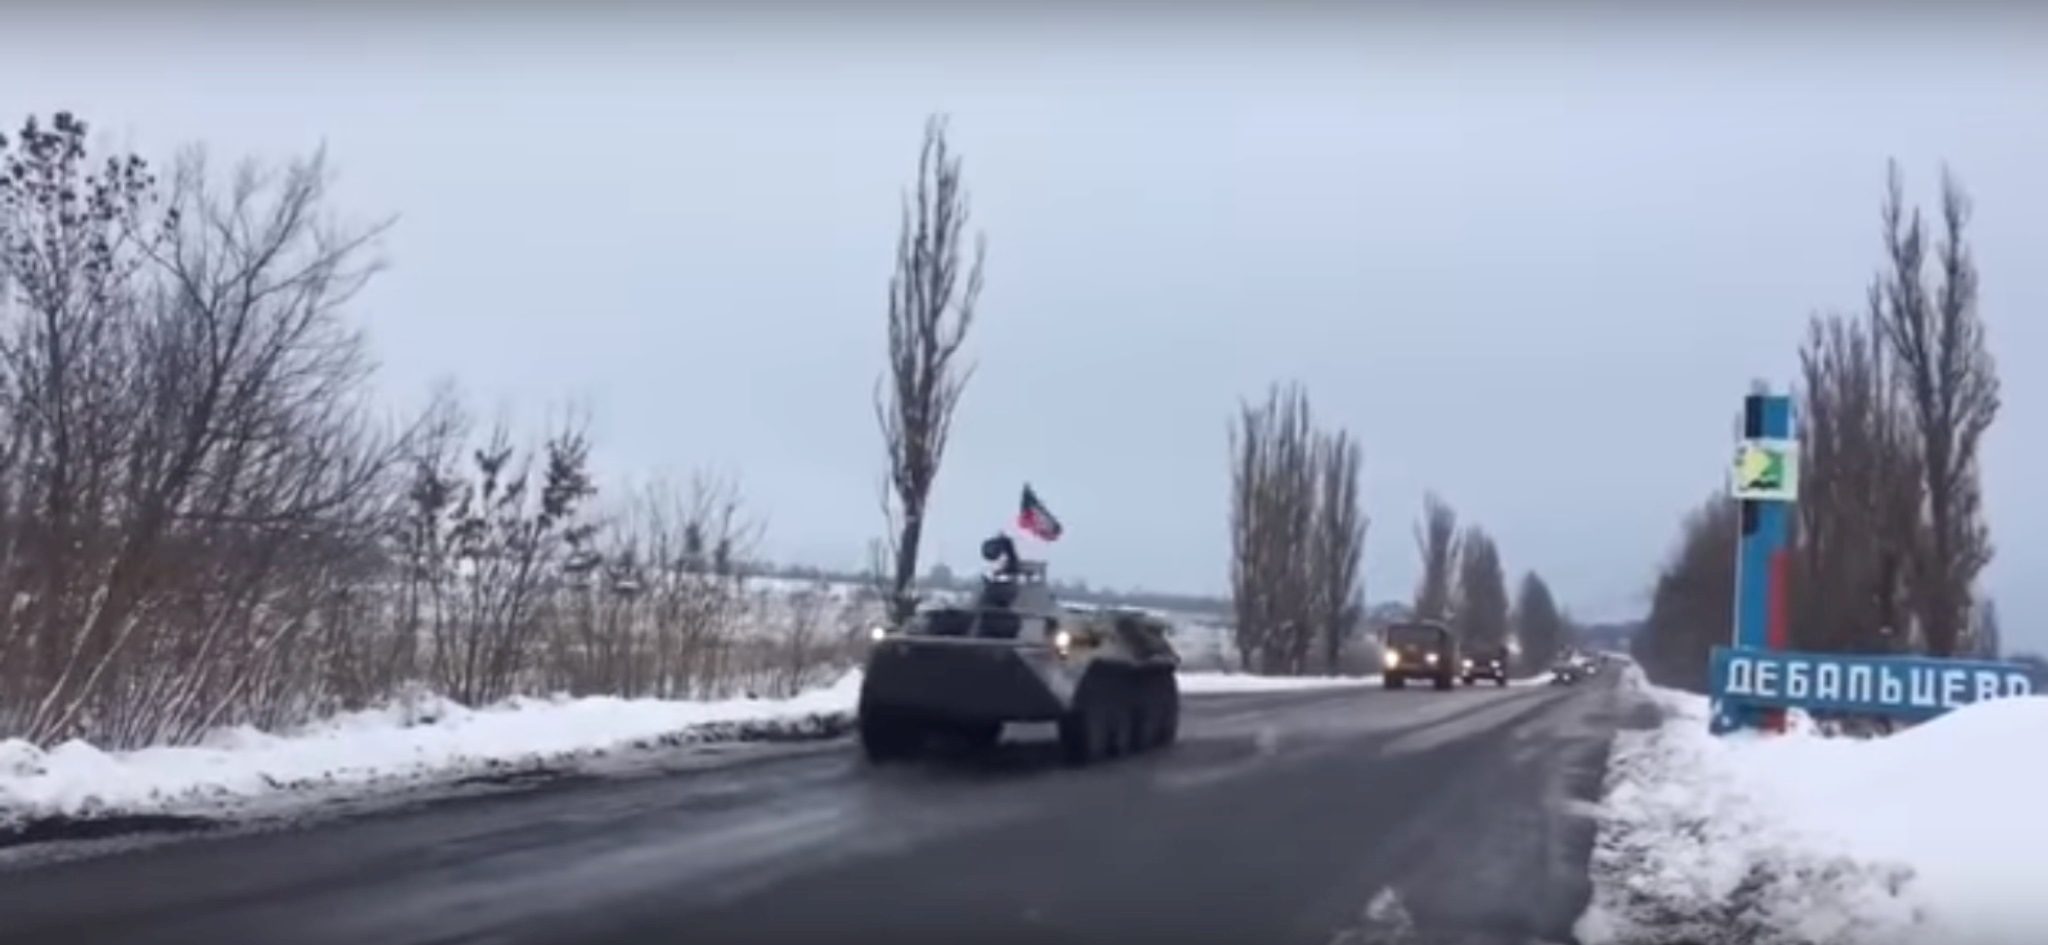 В сети опубликовано видео передвижения военной техники. Предположительно из Луганска